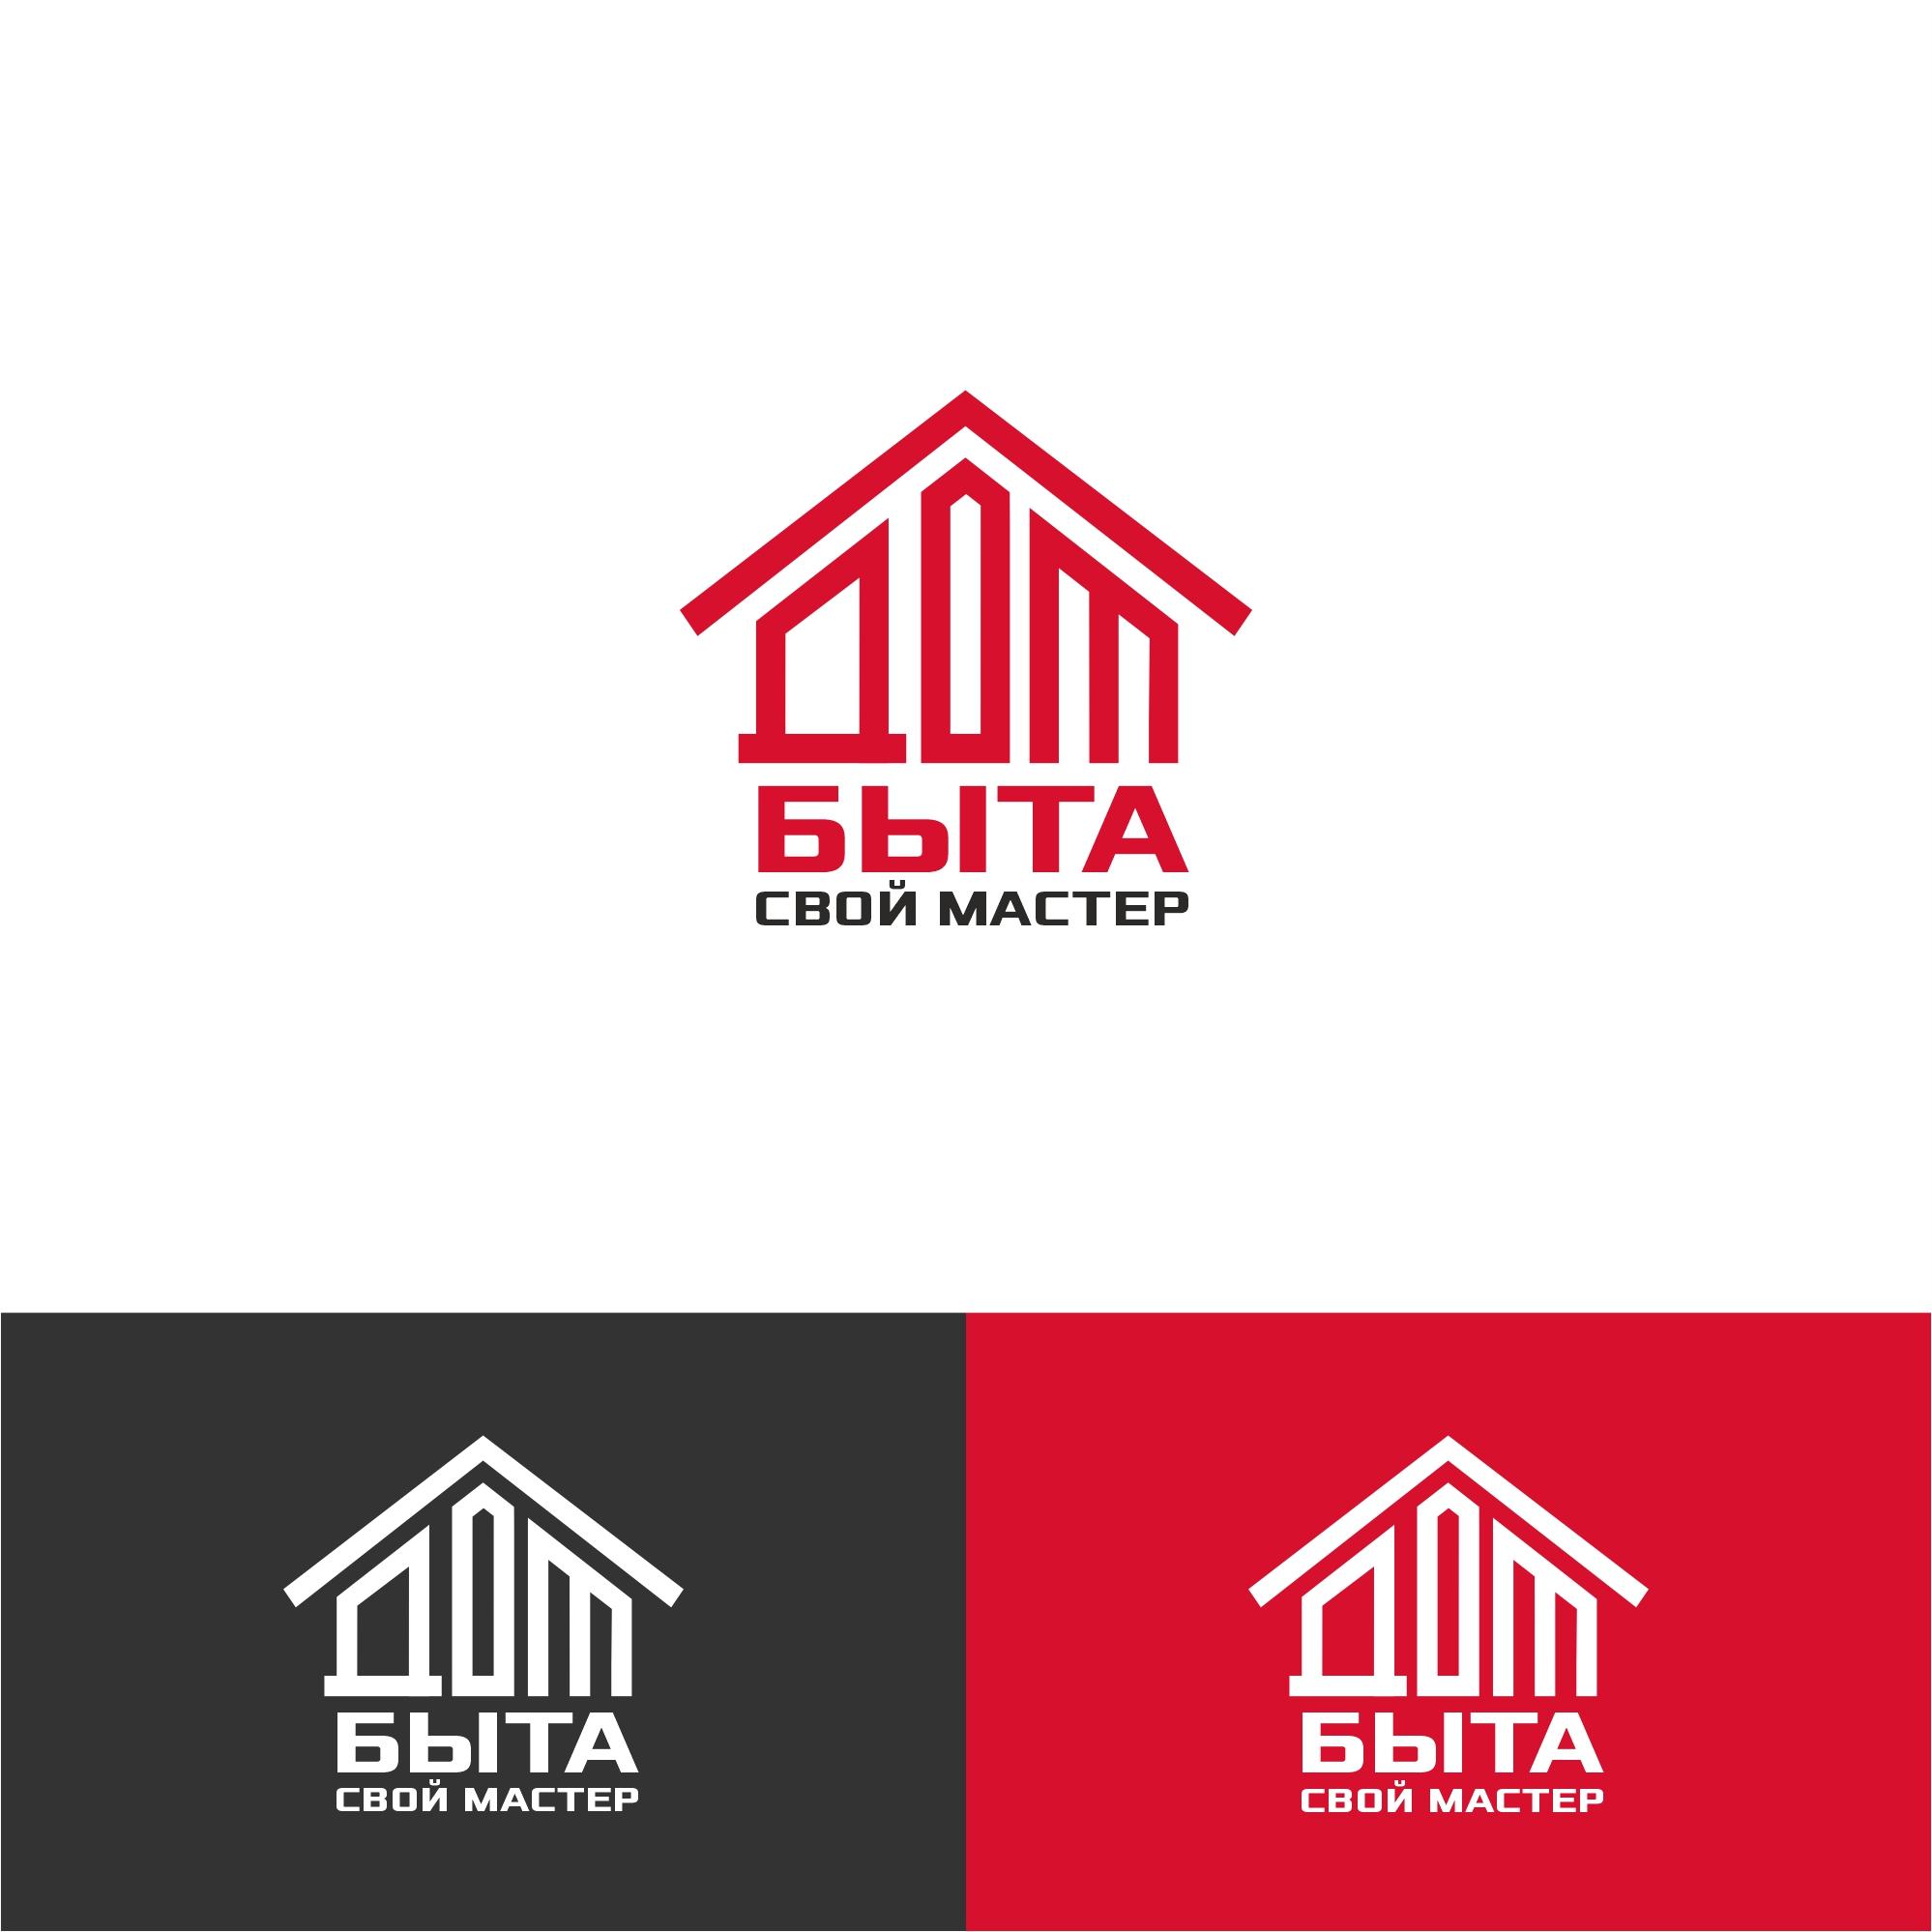 Логотип для сетевого ДОМ БЫТА фото f_2035d7b72e54188b.jpg